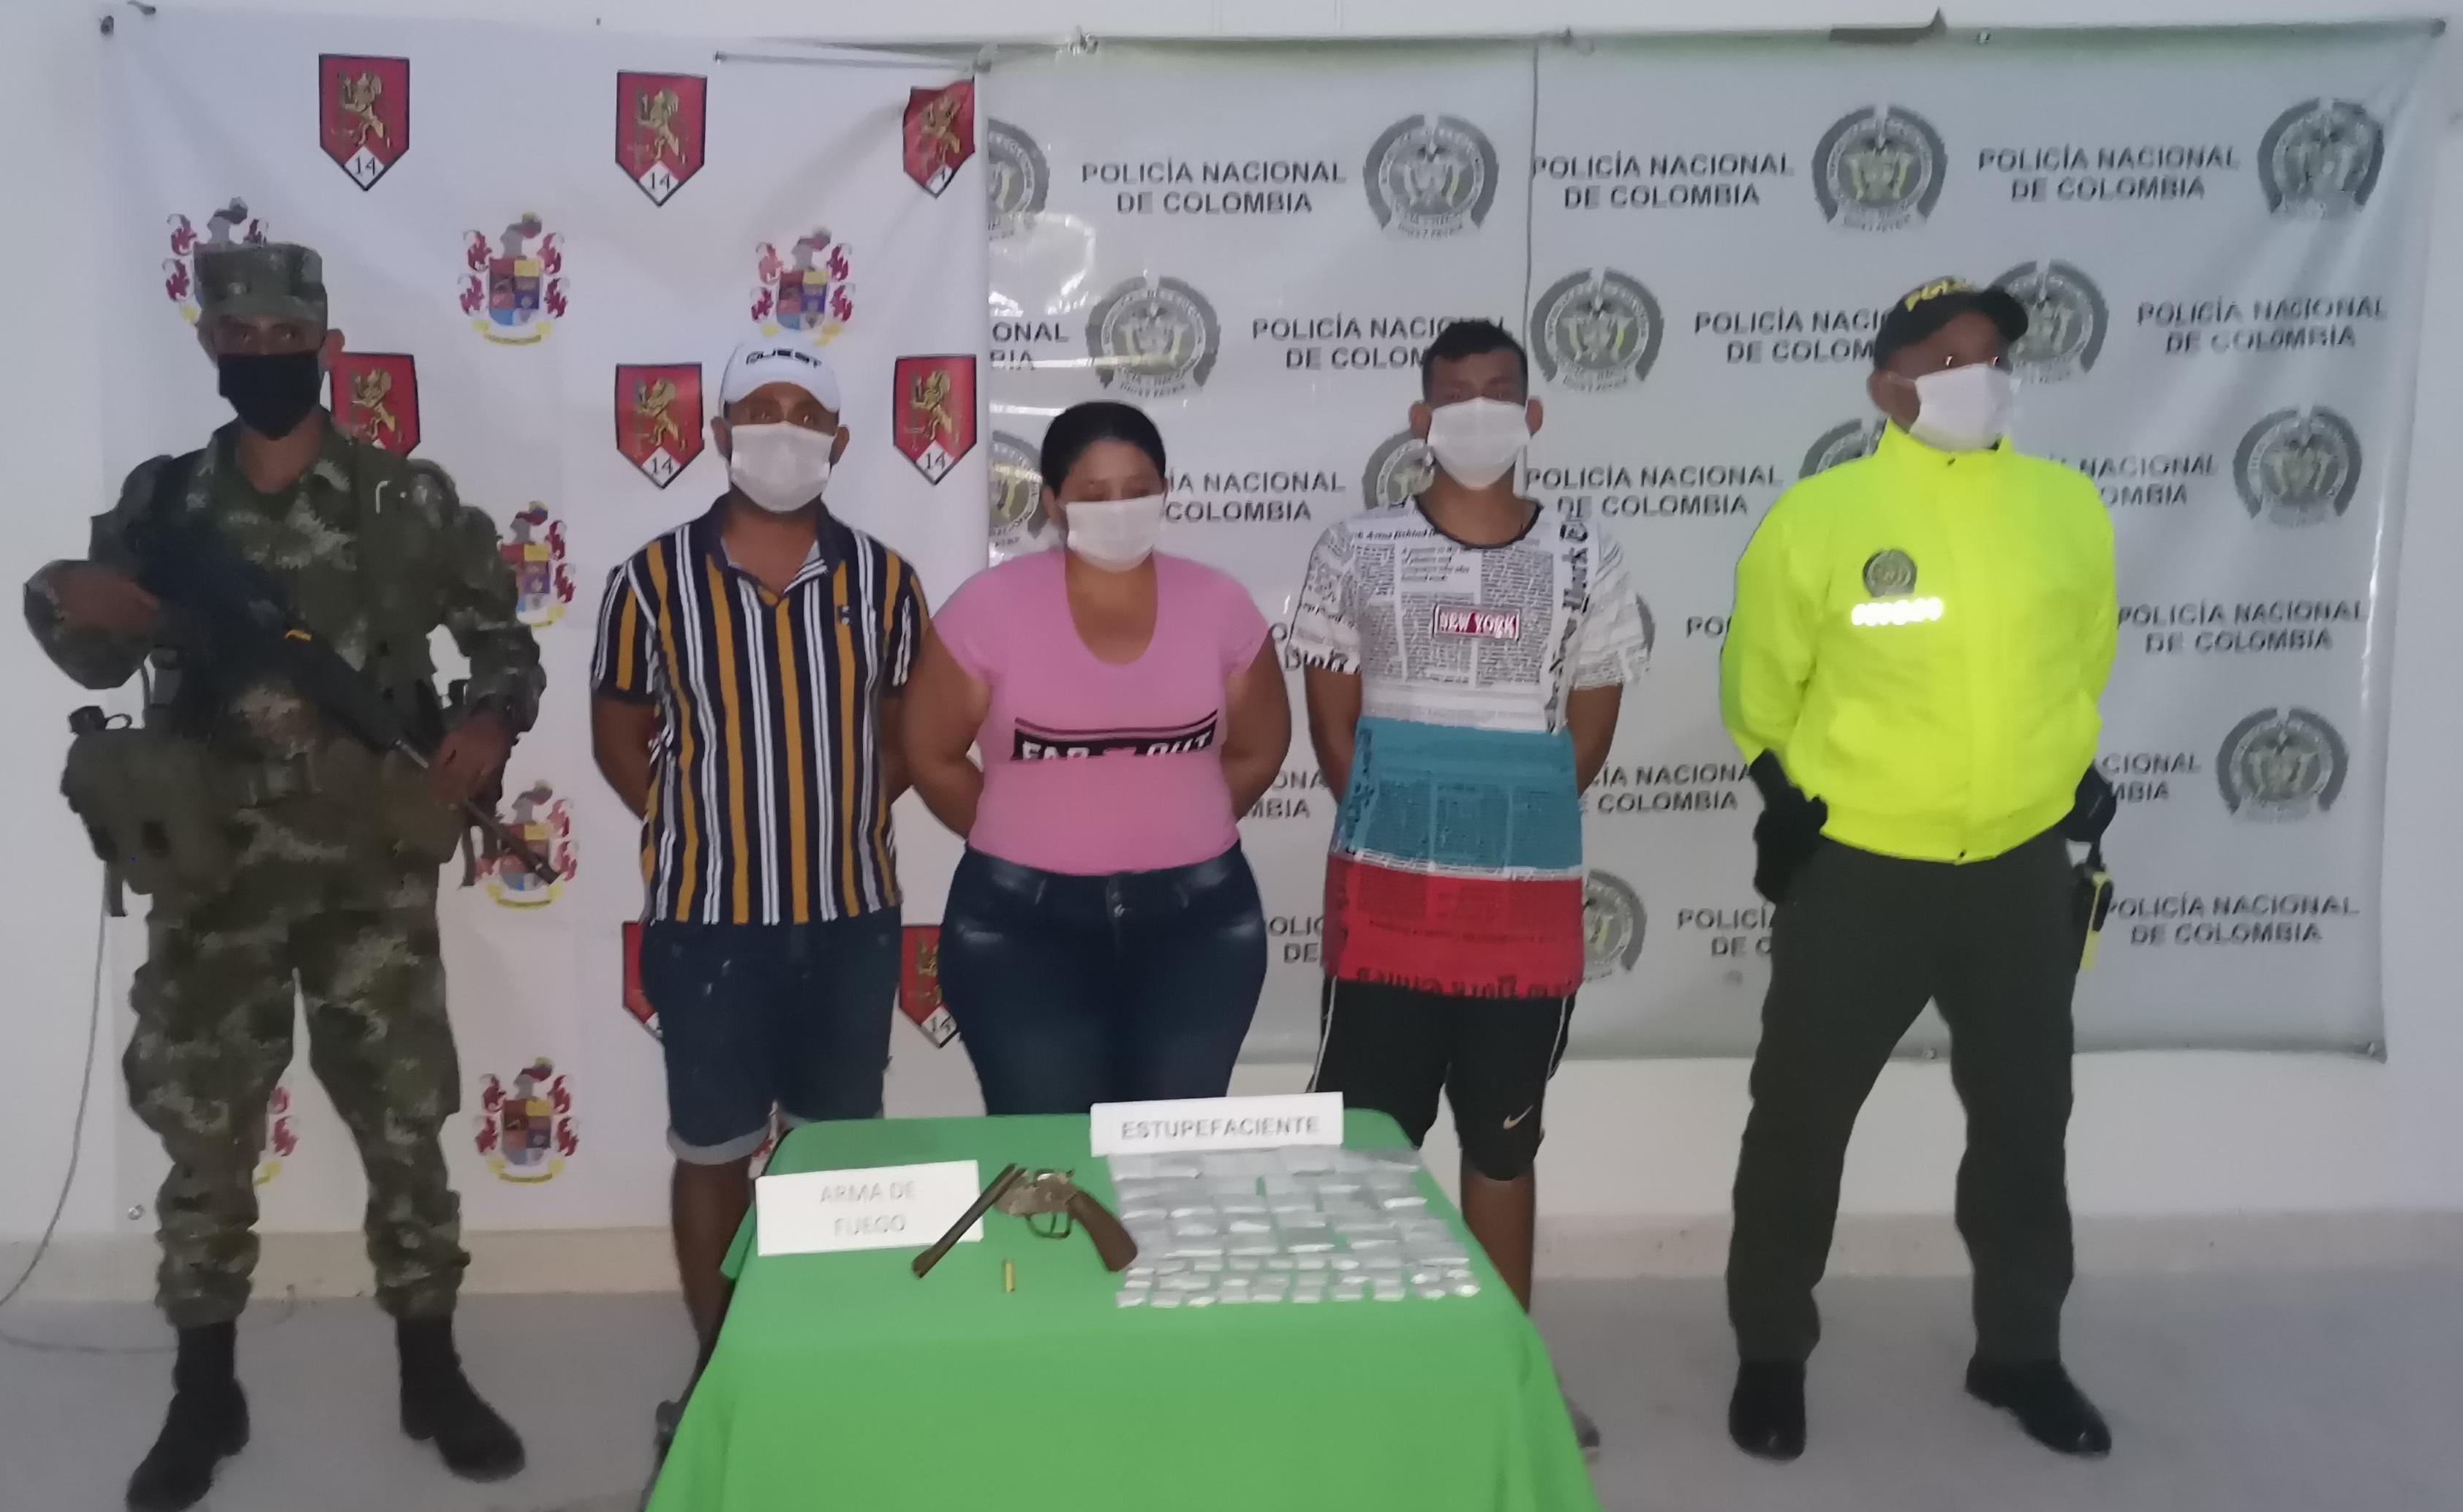 hoyennoticia.com, 'El Flaco y su combo' cayeron en Aguachica